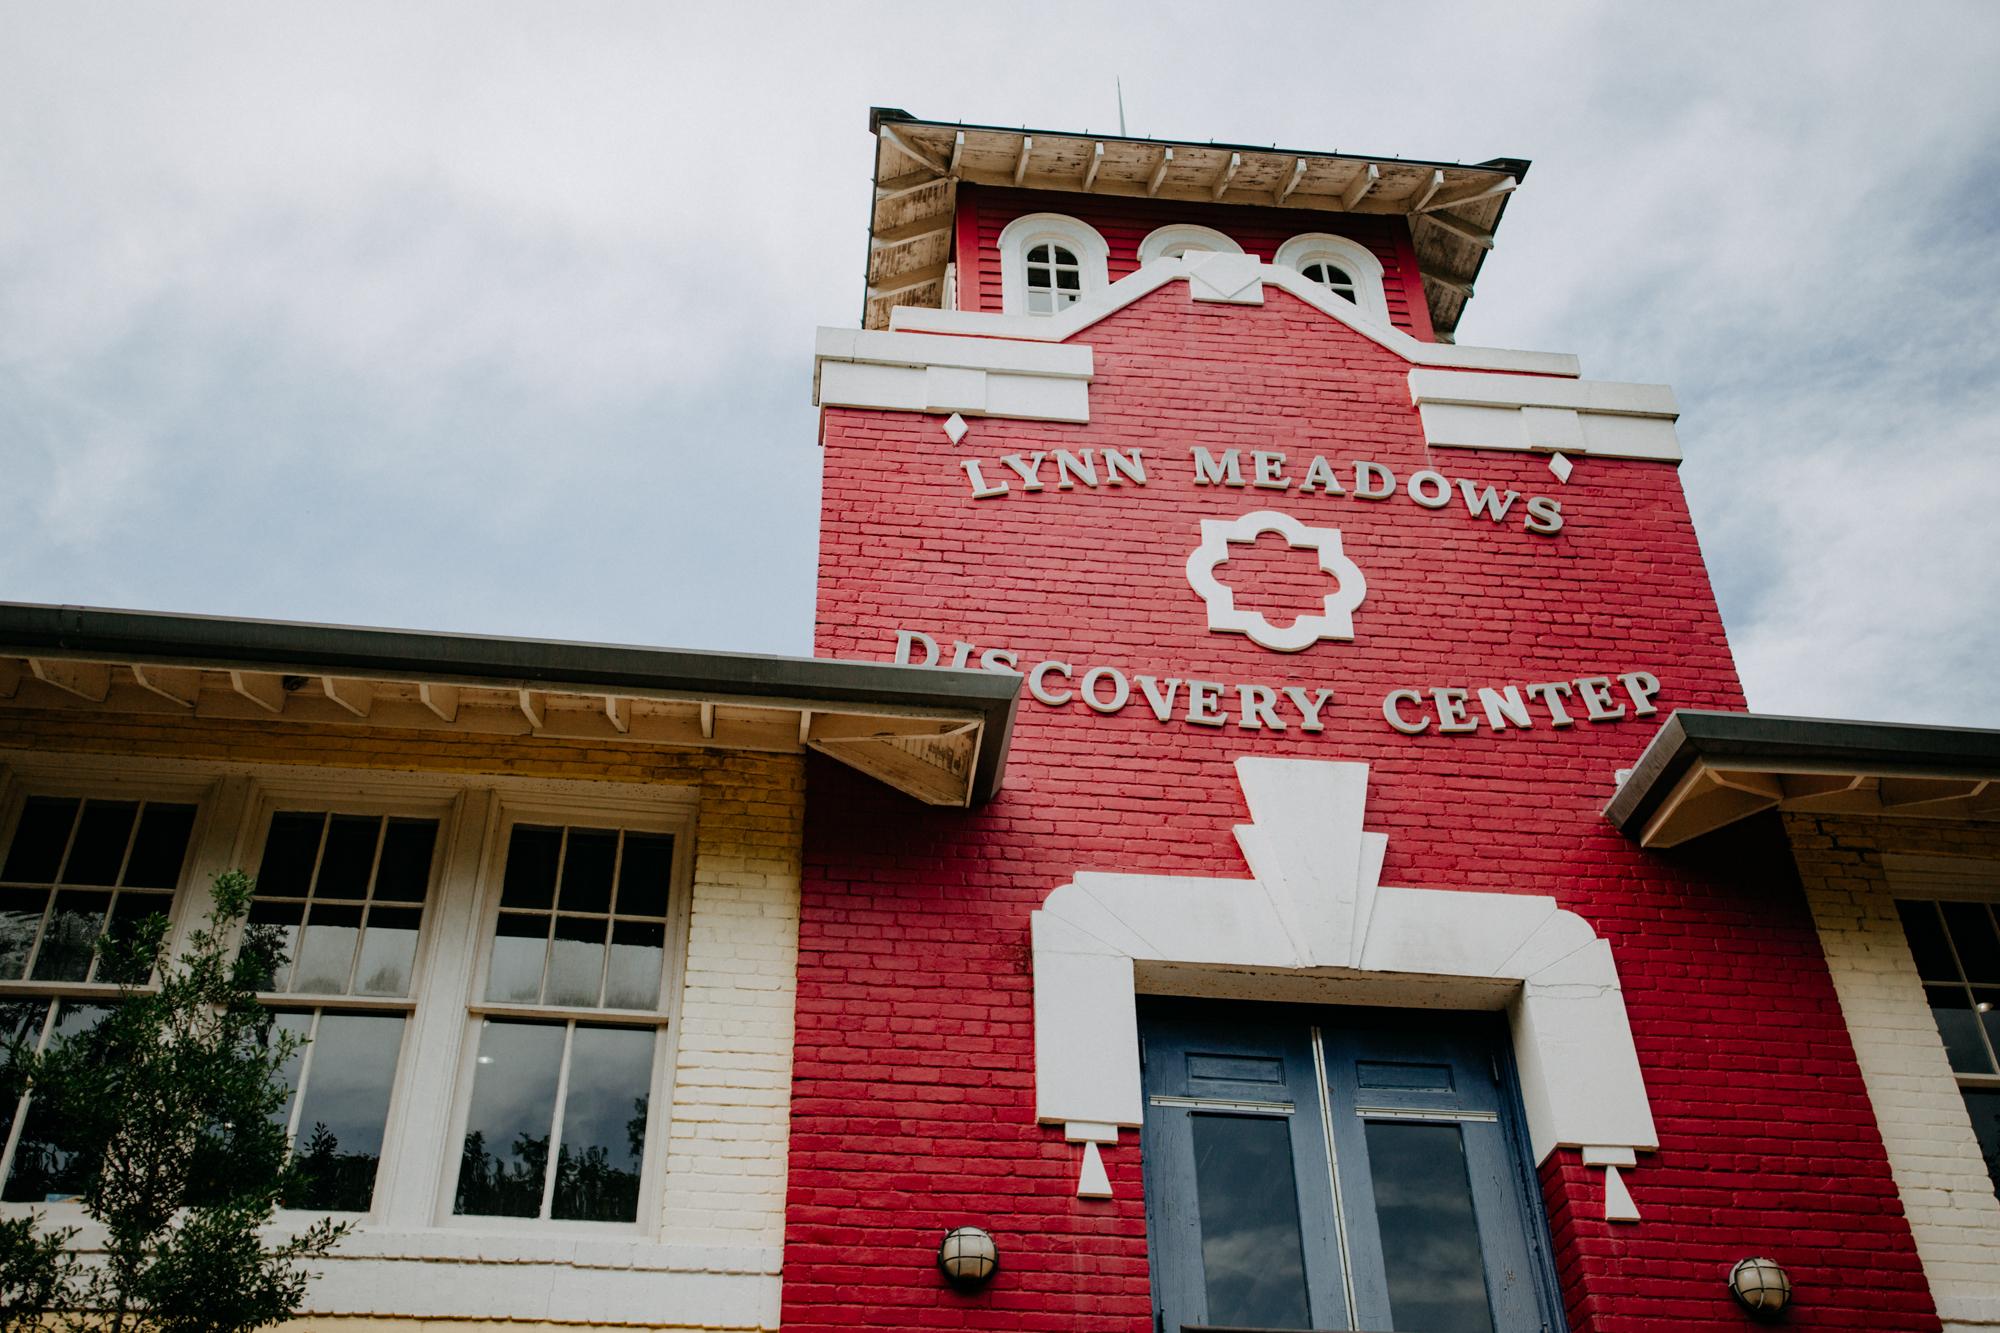 Lynn Meadows Discover Center Wedding